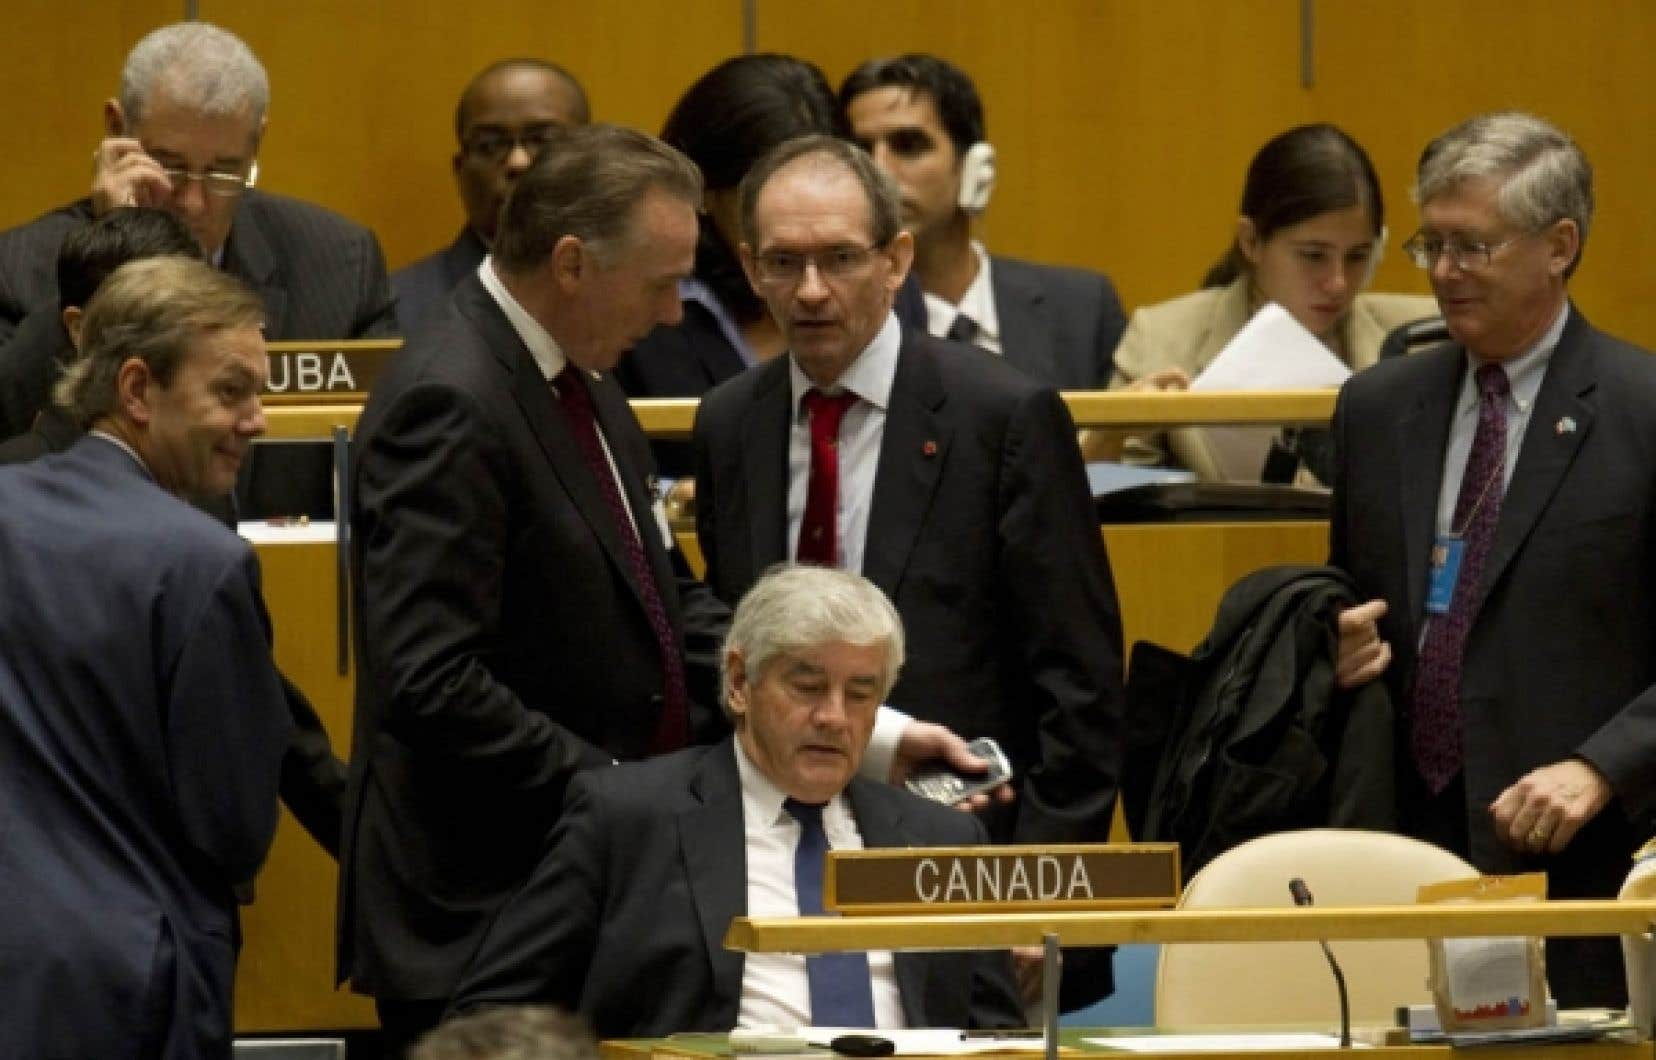 Le ministre des Affaires étrangères du Canada, Lawrence Cannon, a pris la décision d'abandonner la lutte pour l'obtention d'un siège au Conseil de sécurité après le deuxième tour de scrutin, qui a vu le Portugal récolter 113 voix et le Canada, 78.